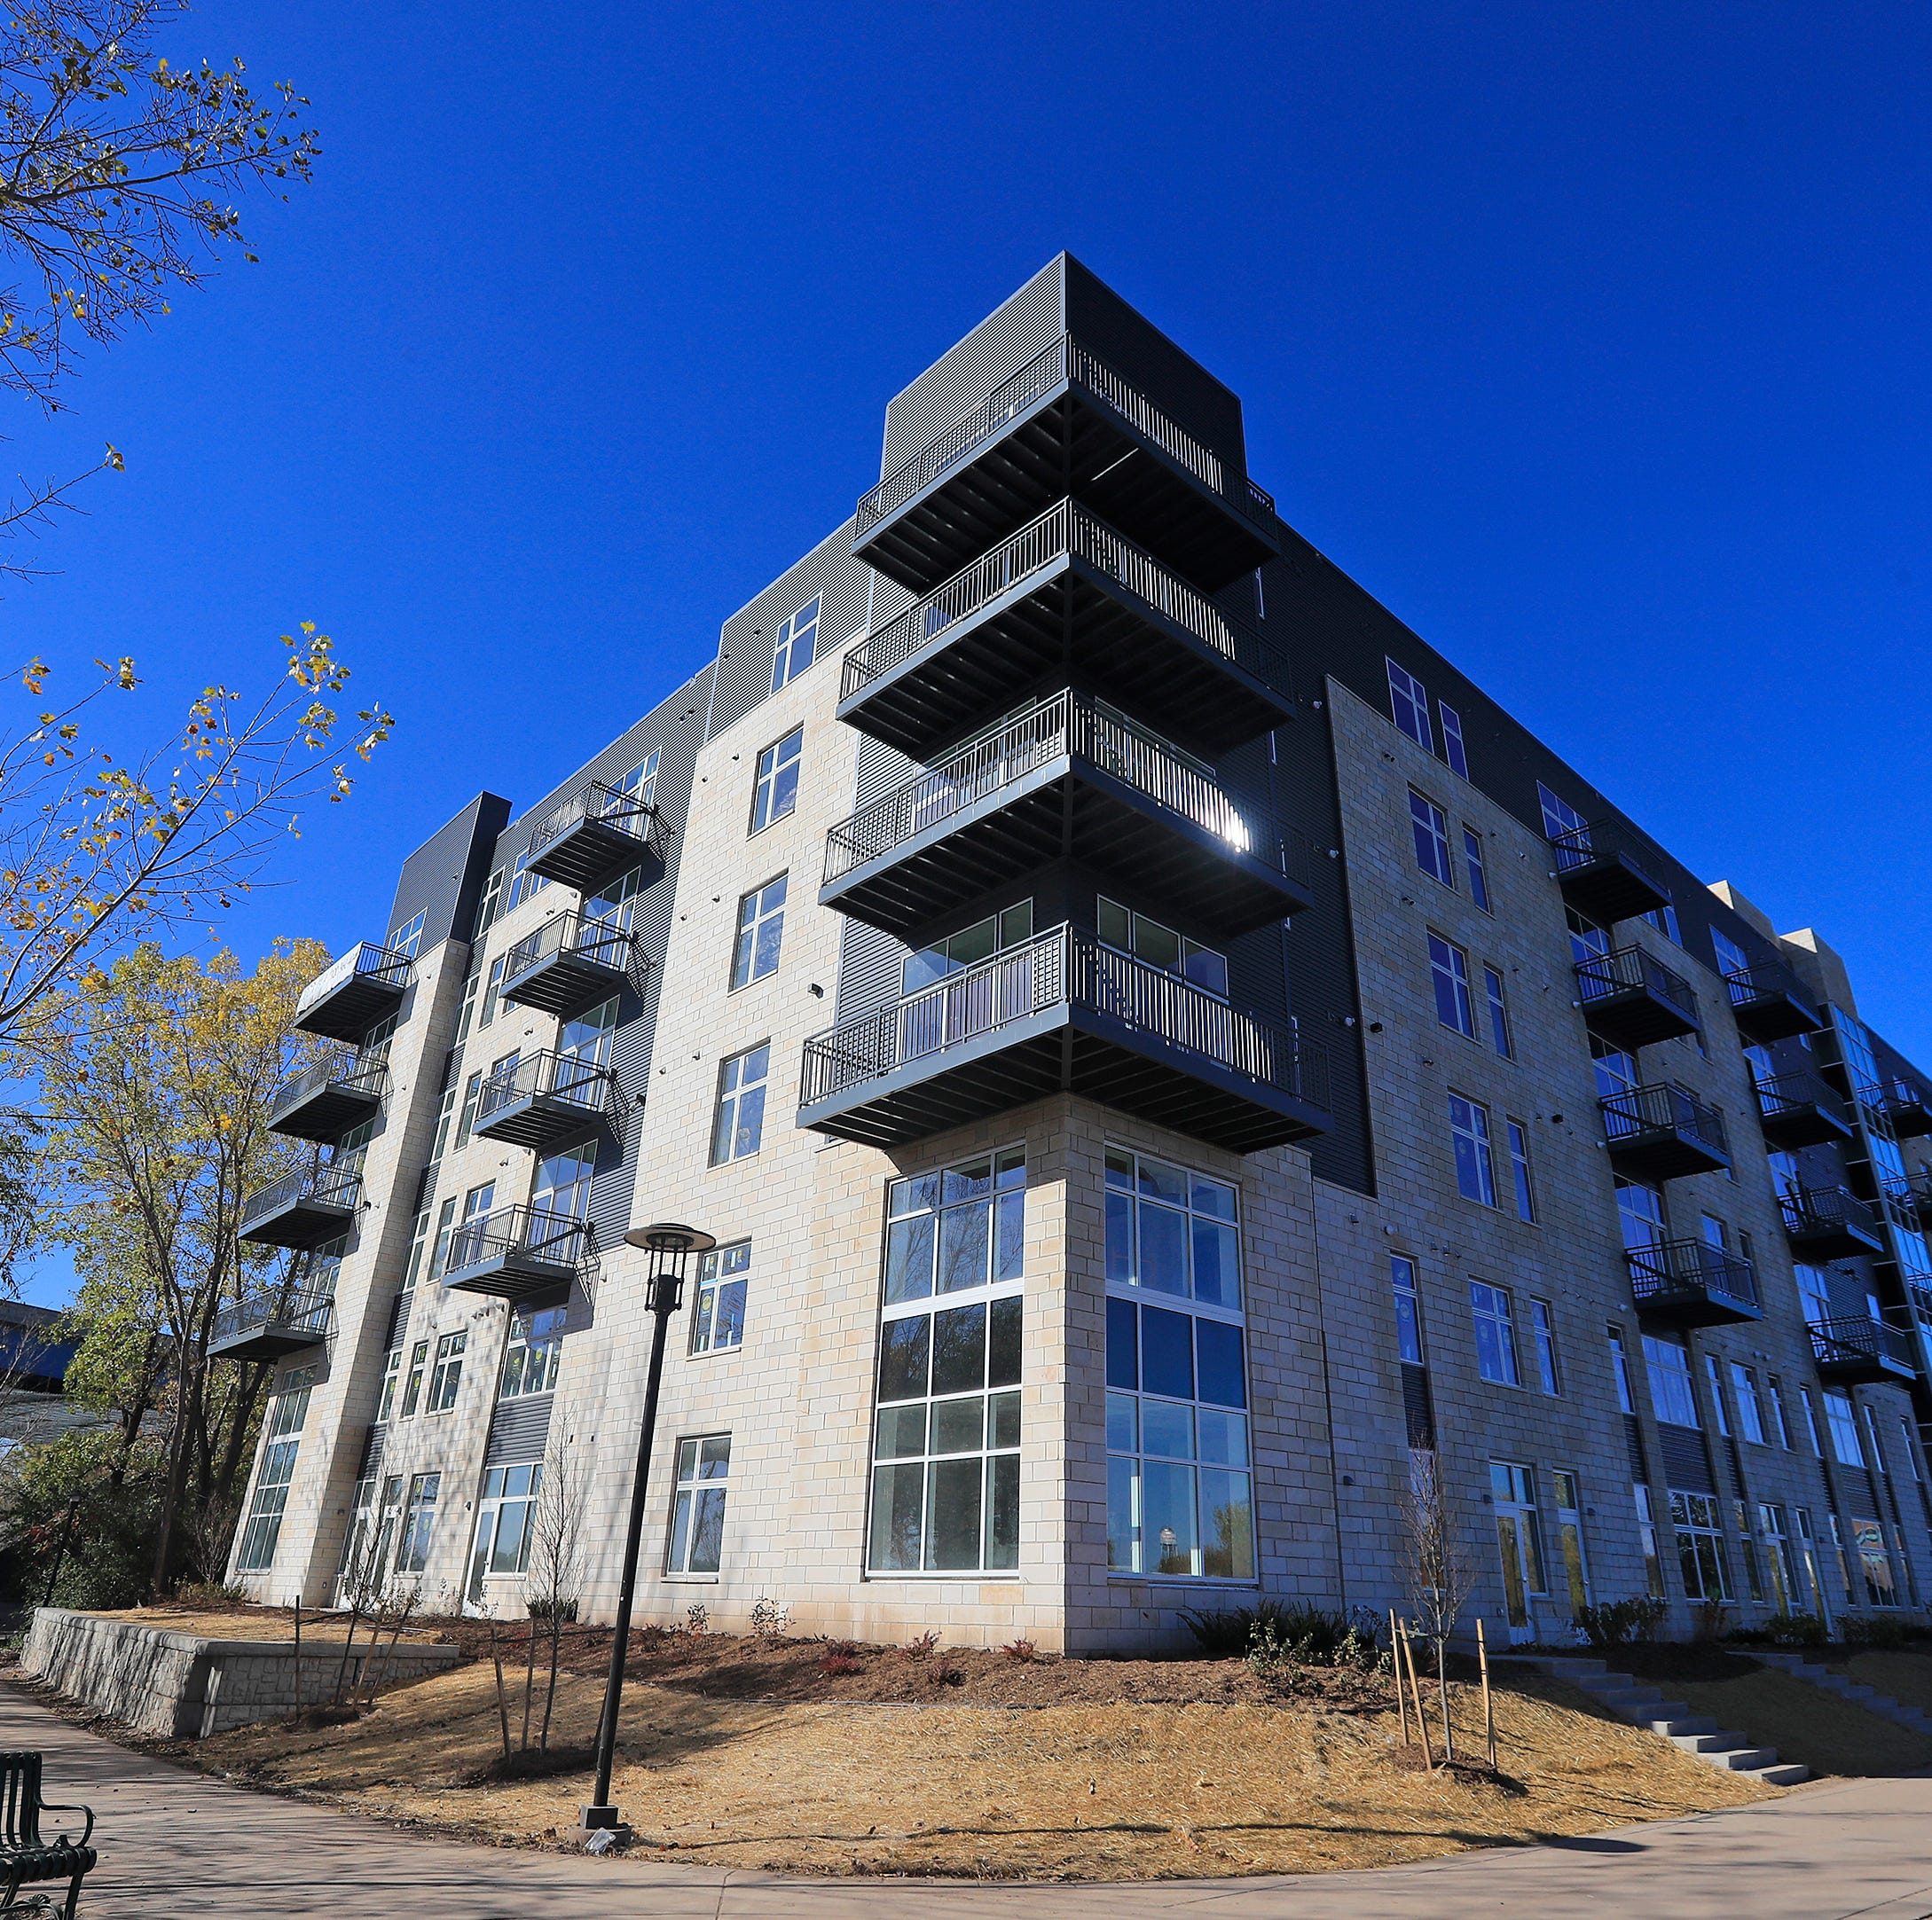 New apartments: Get a look inside Manseau Flats in Ashwaubenon | Streetwise